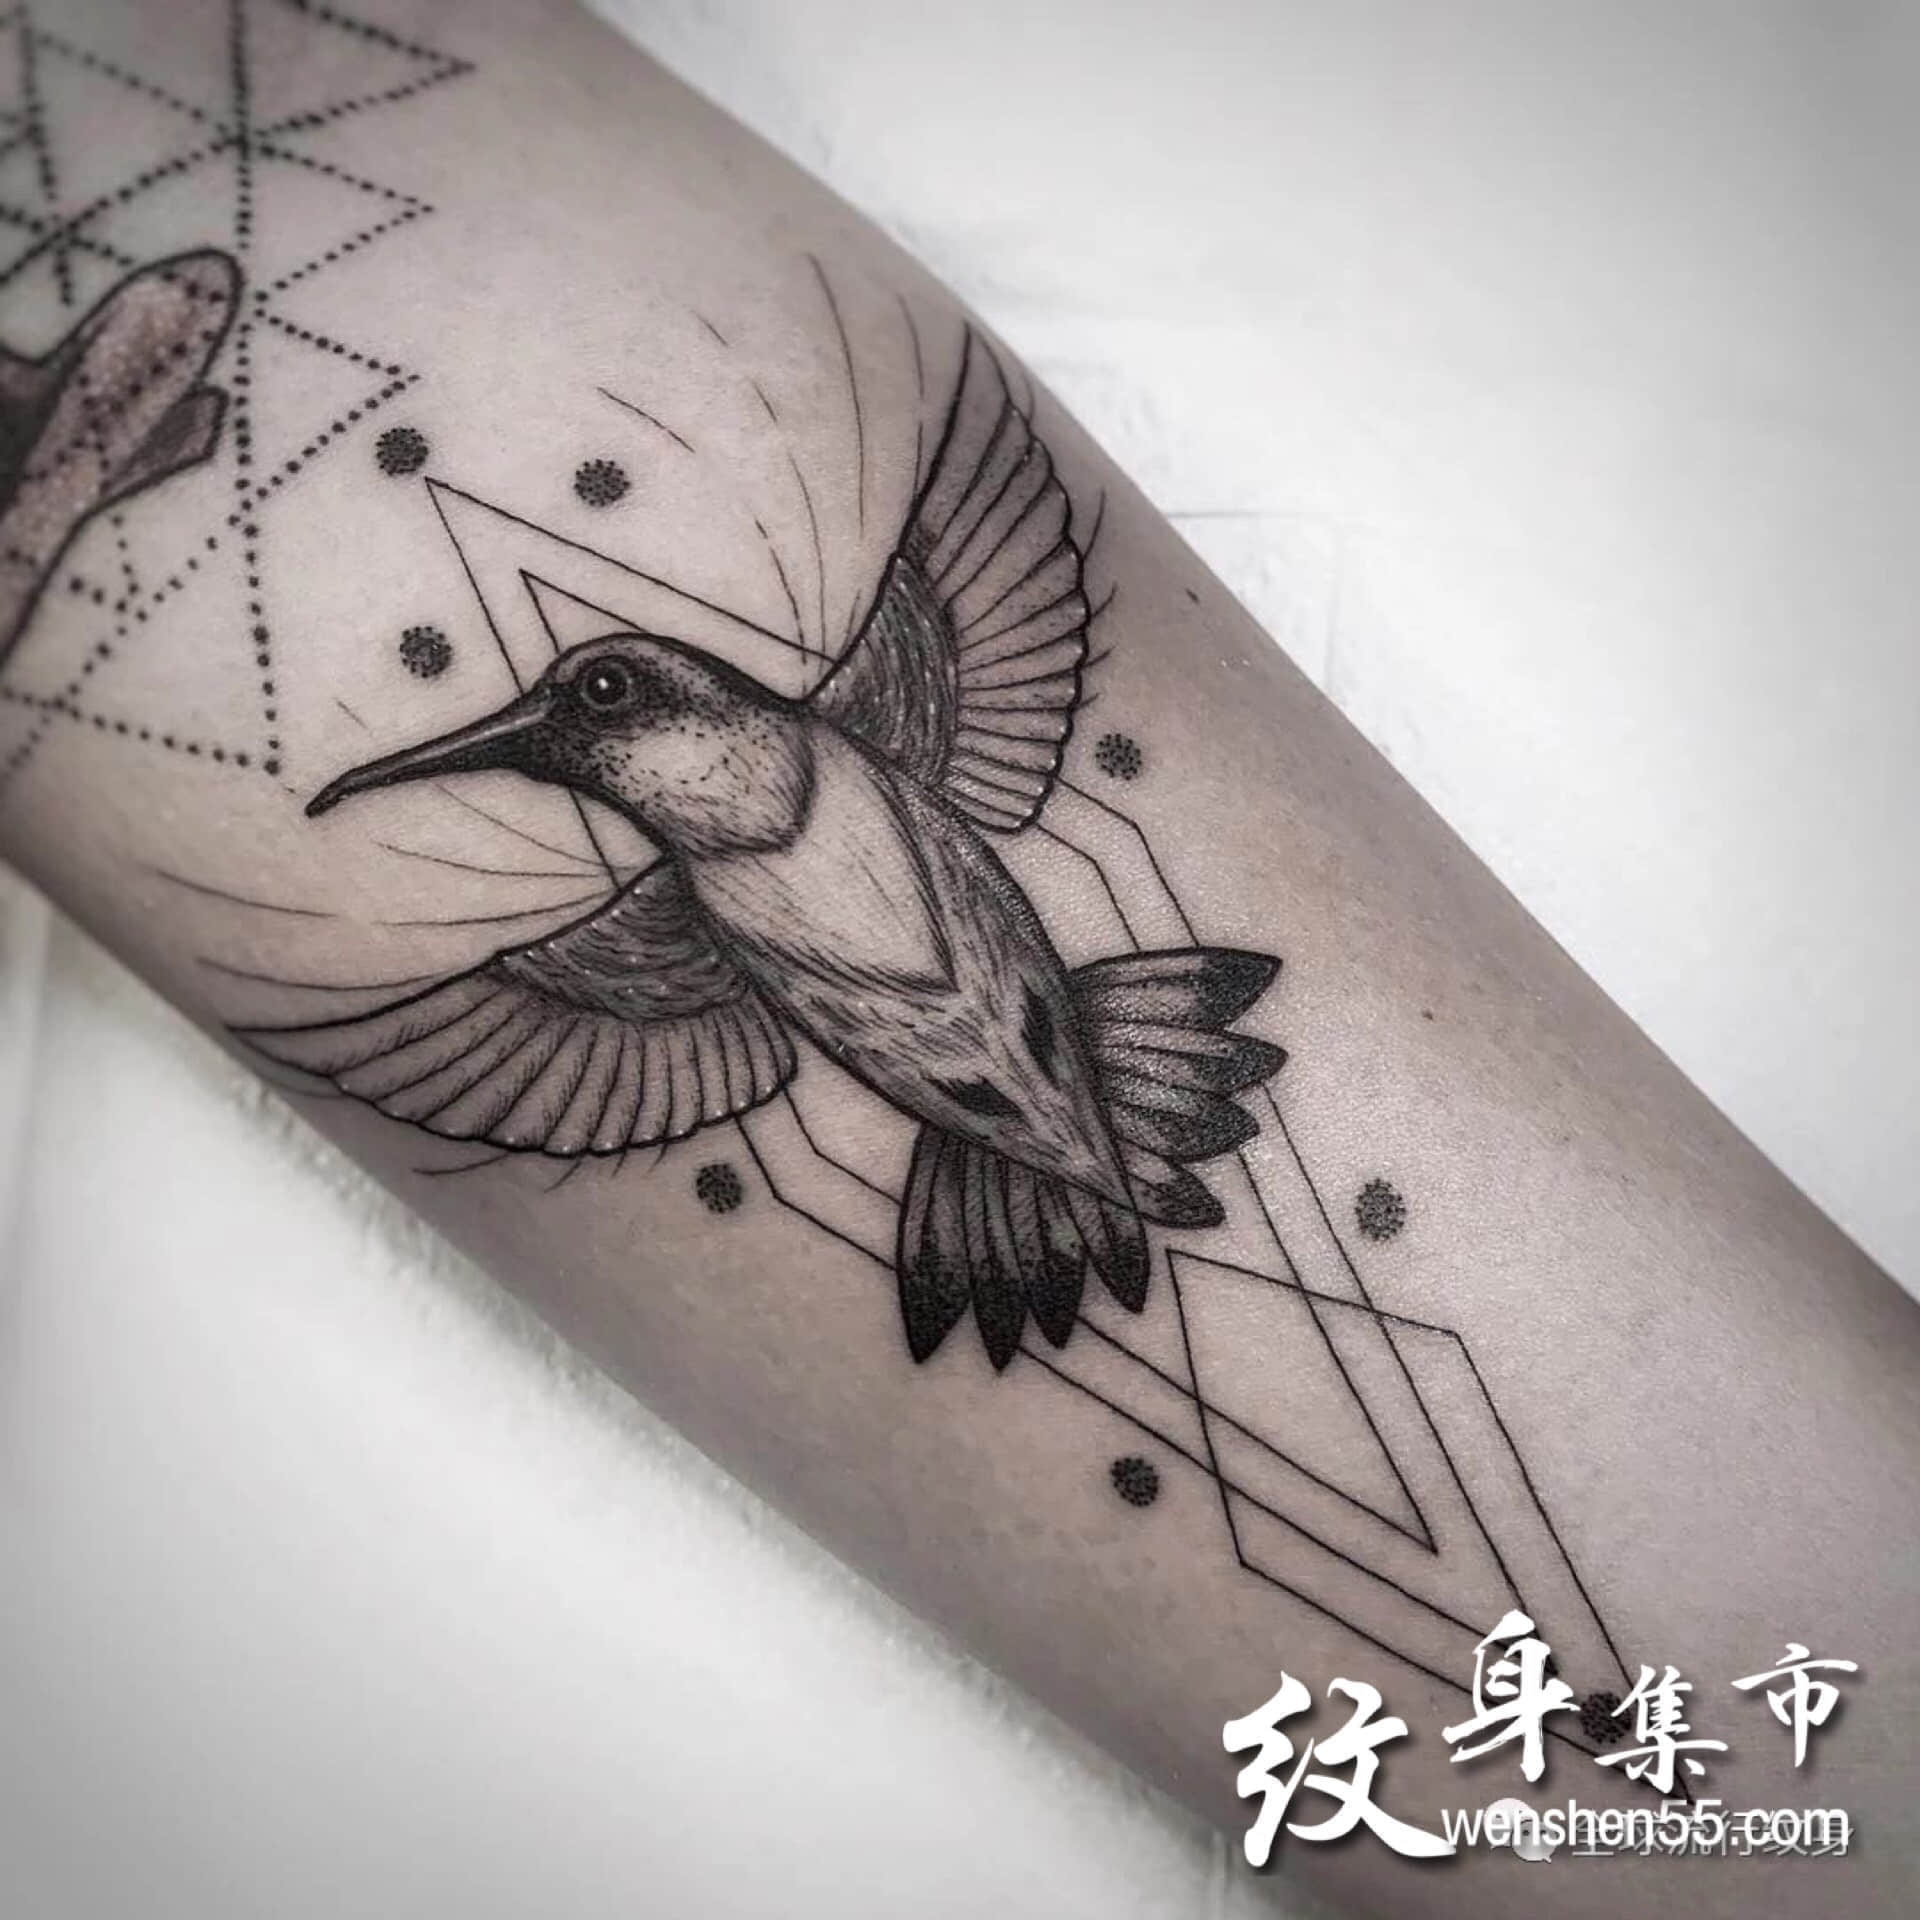 手臂纹身,小腿纹身